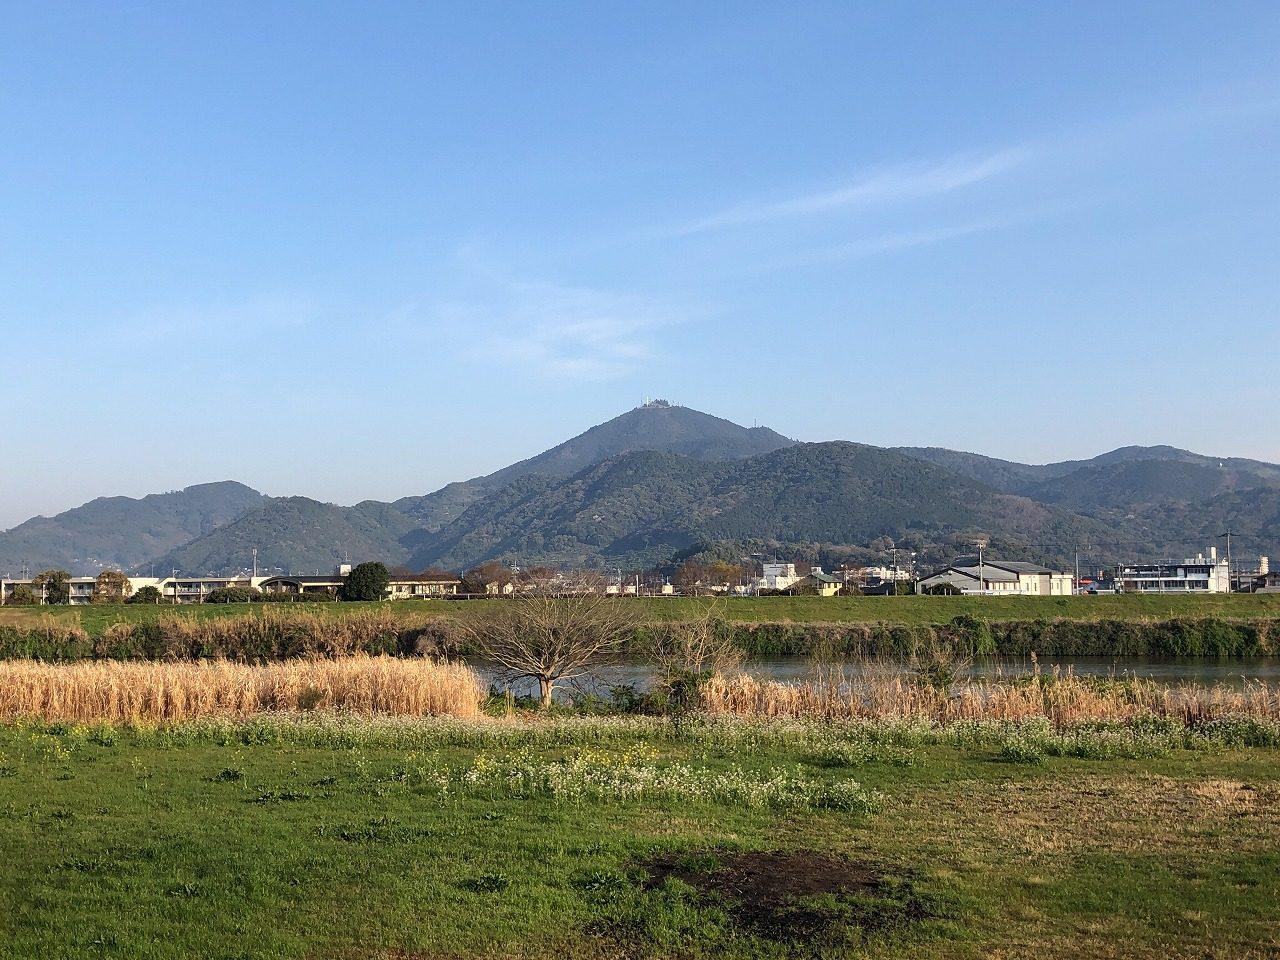 2019.3.20 今朝の金峰山です。